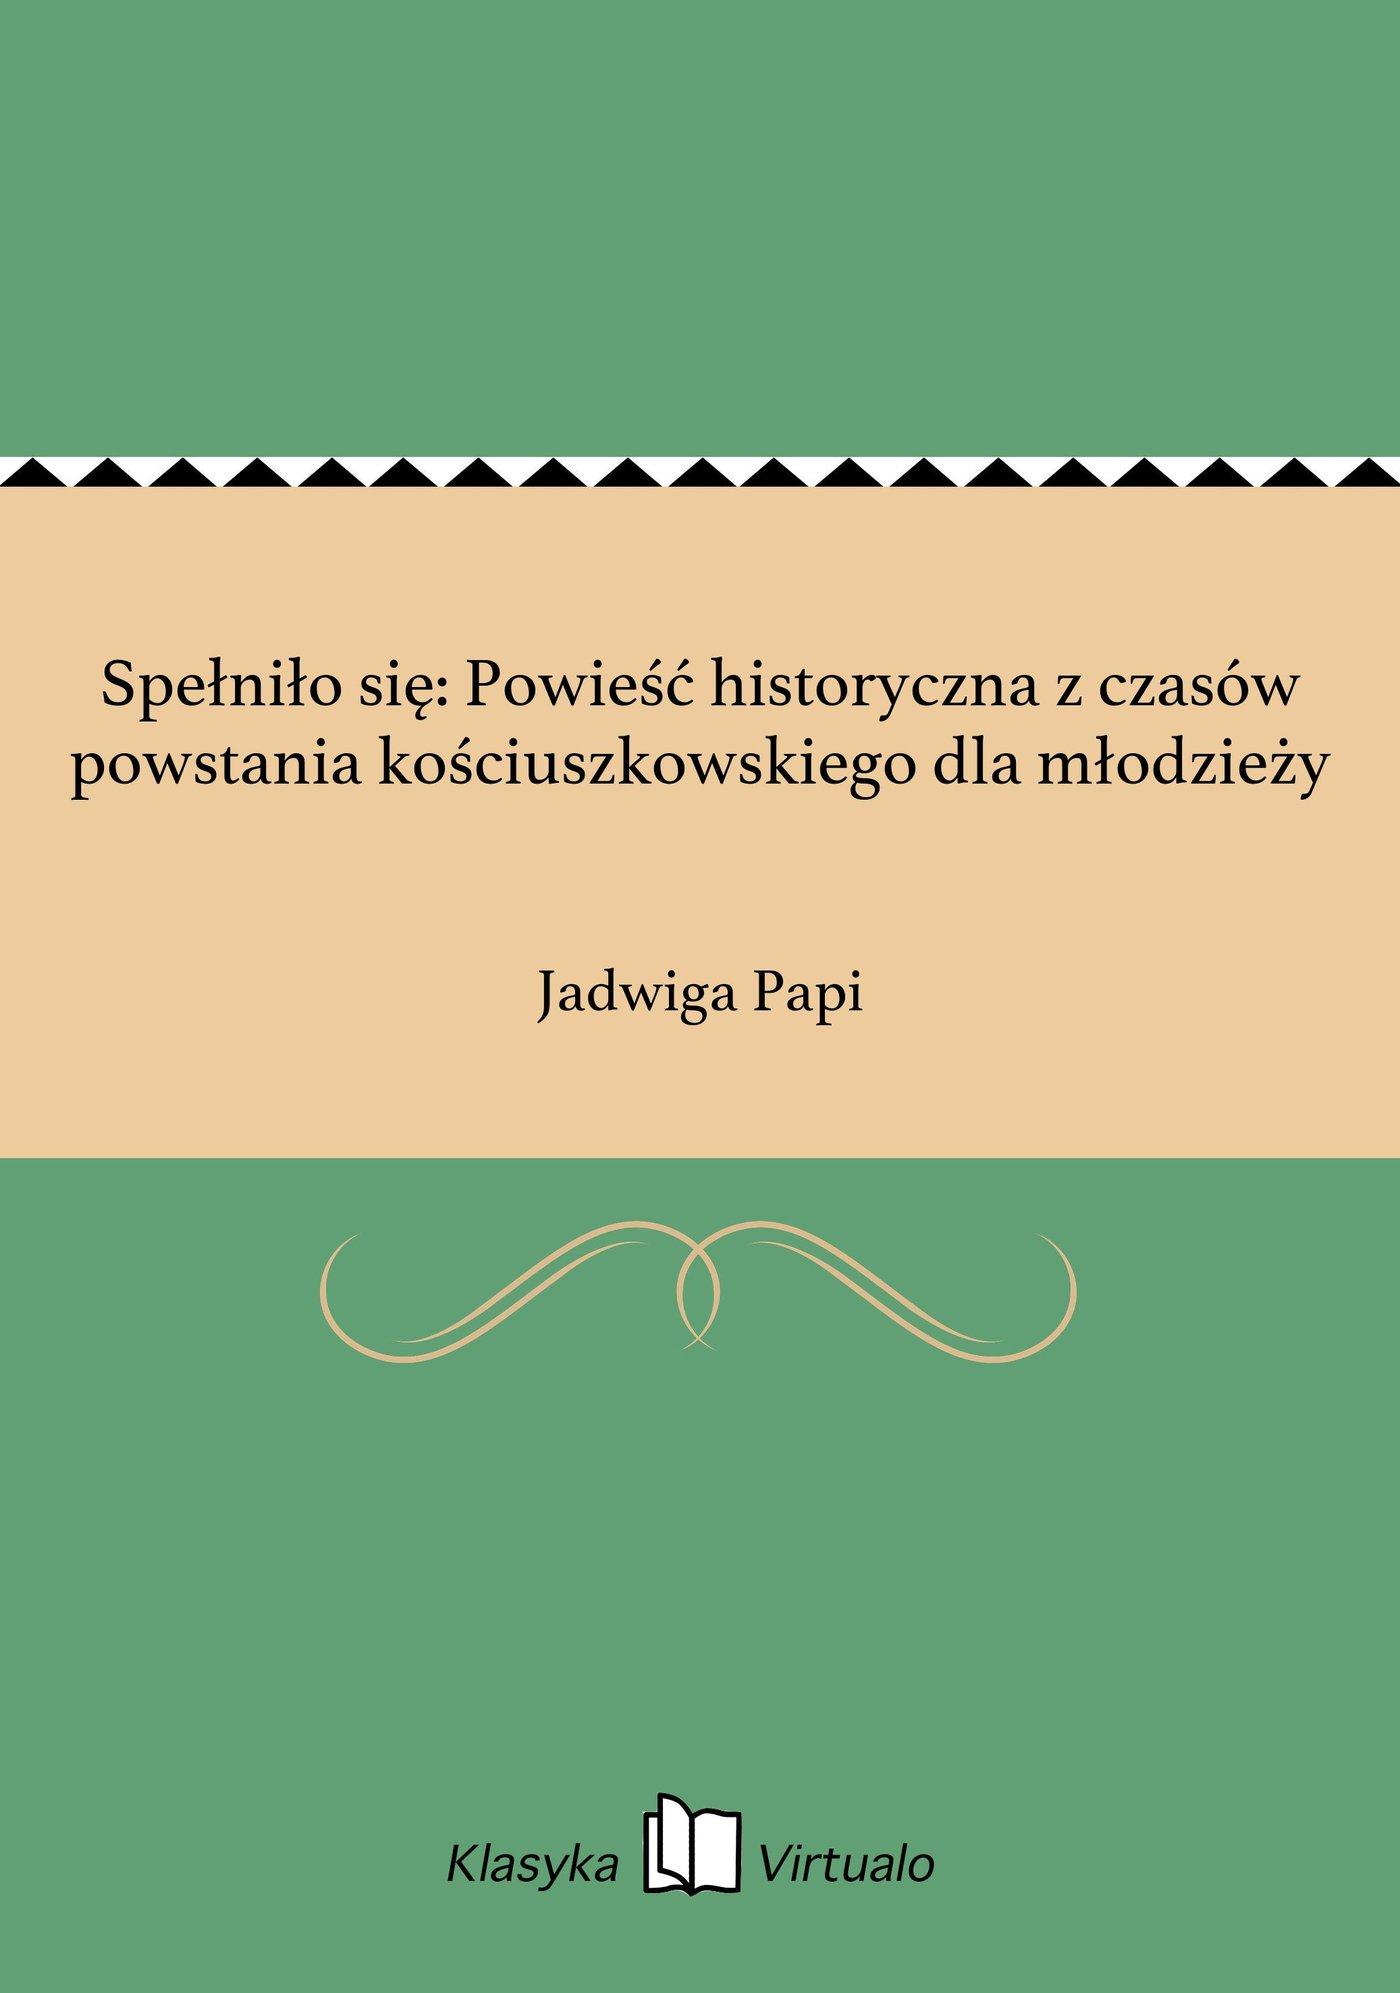 Spełniło się: Powieść historyczna z czasów powstania kościuszkowskiego dla młodzieży - Ebook (Książka na Kindle) do pobrania w formacie MOBI